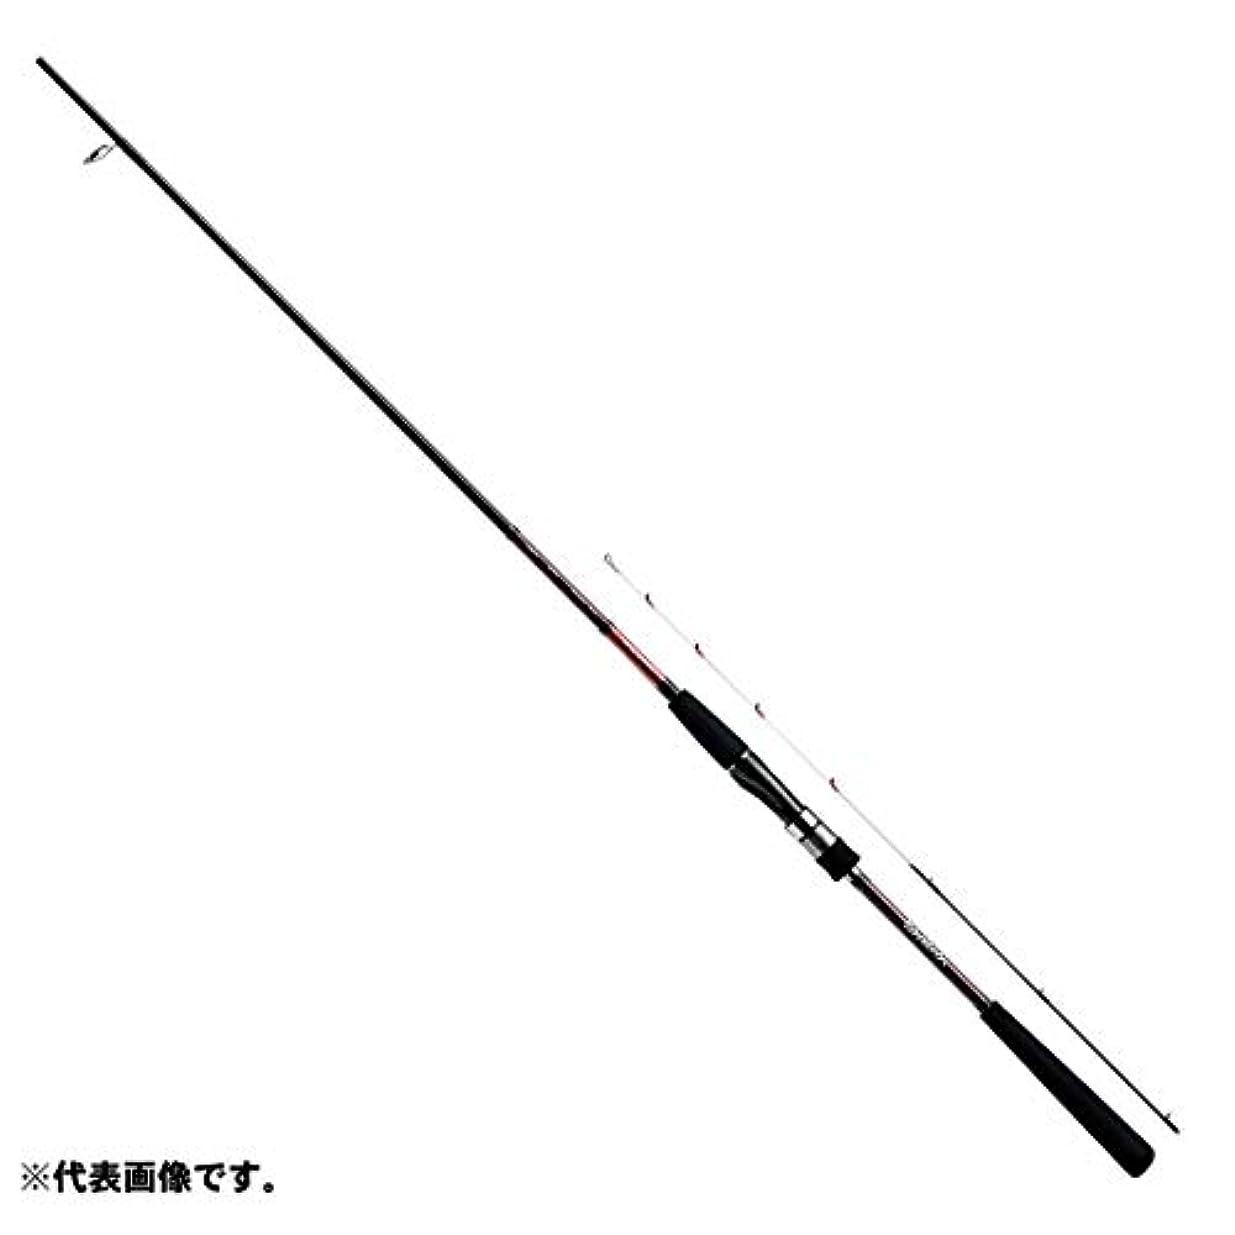 通り抜ける手数料承知しましたダイワ(Daiwa) タイテンヤロッド スピニング 紅牙 テンヤゲームMX M-240 釣り竿